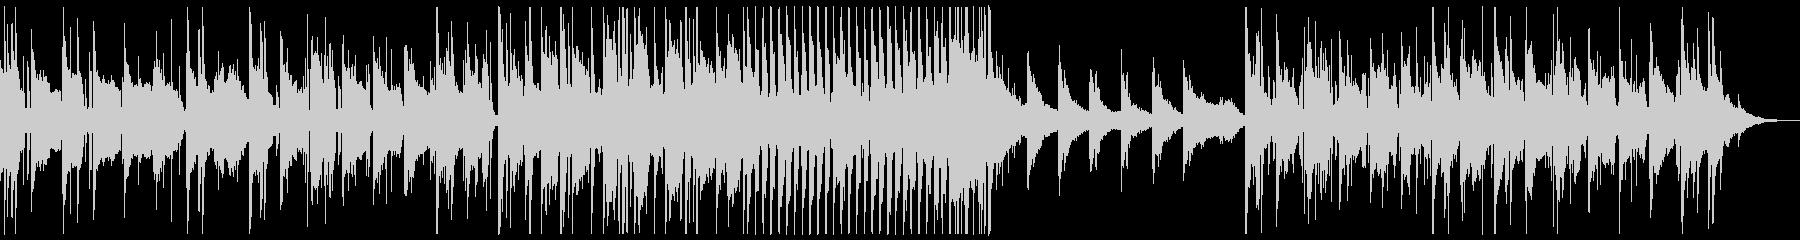 のんびり_漂う_ノスタルジーの未再生の波形